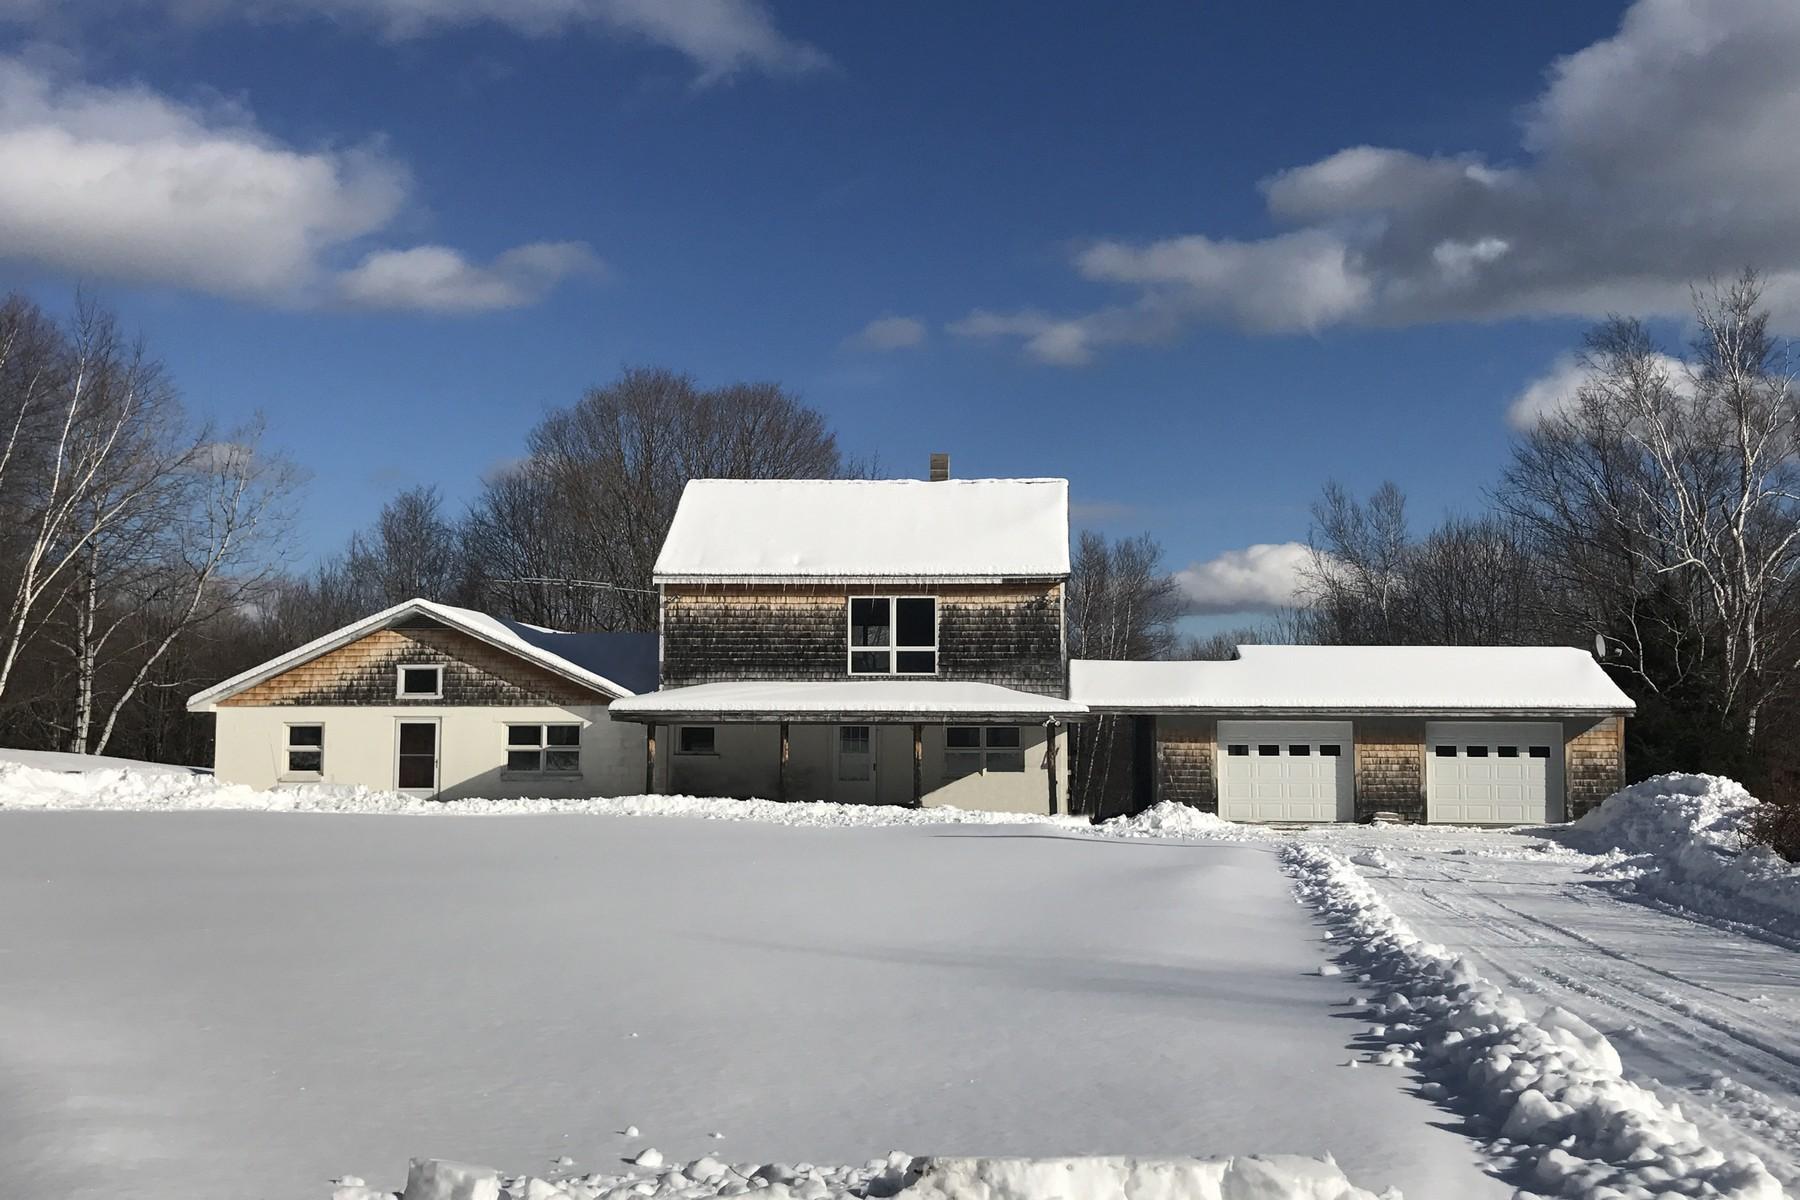 Частный односемейный дом для того Продажа на 90 Acres on South Hill 2021 South Hill, Ludlow, Вермонт, 05149 Соединенные Штаты